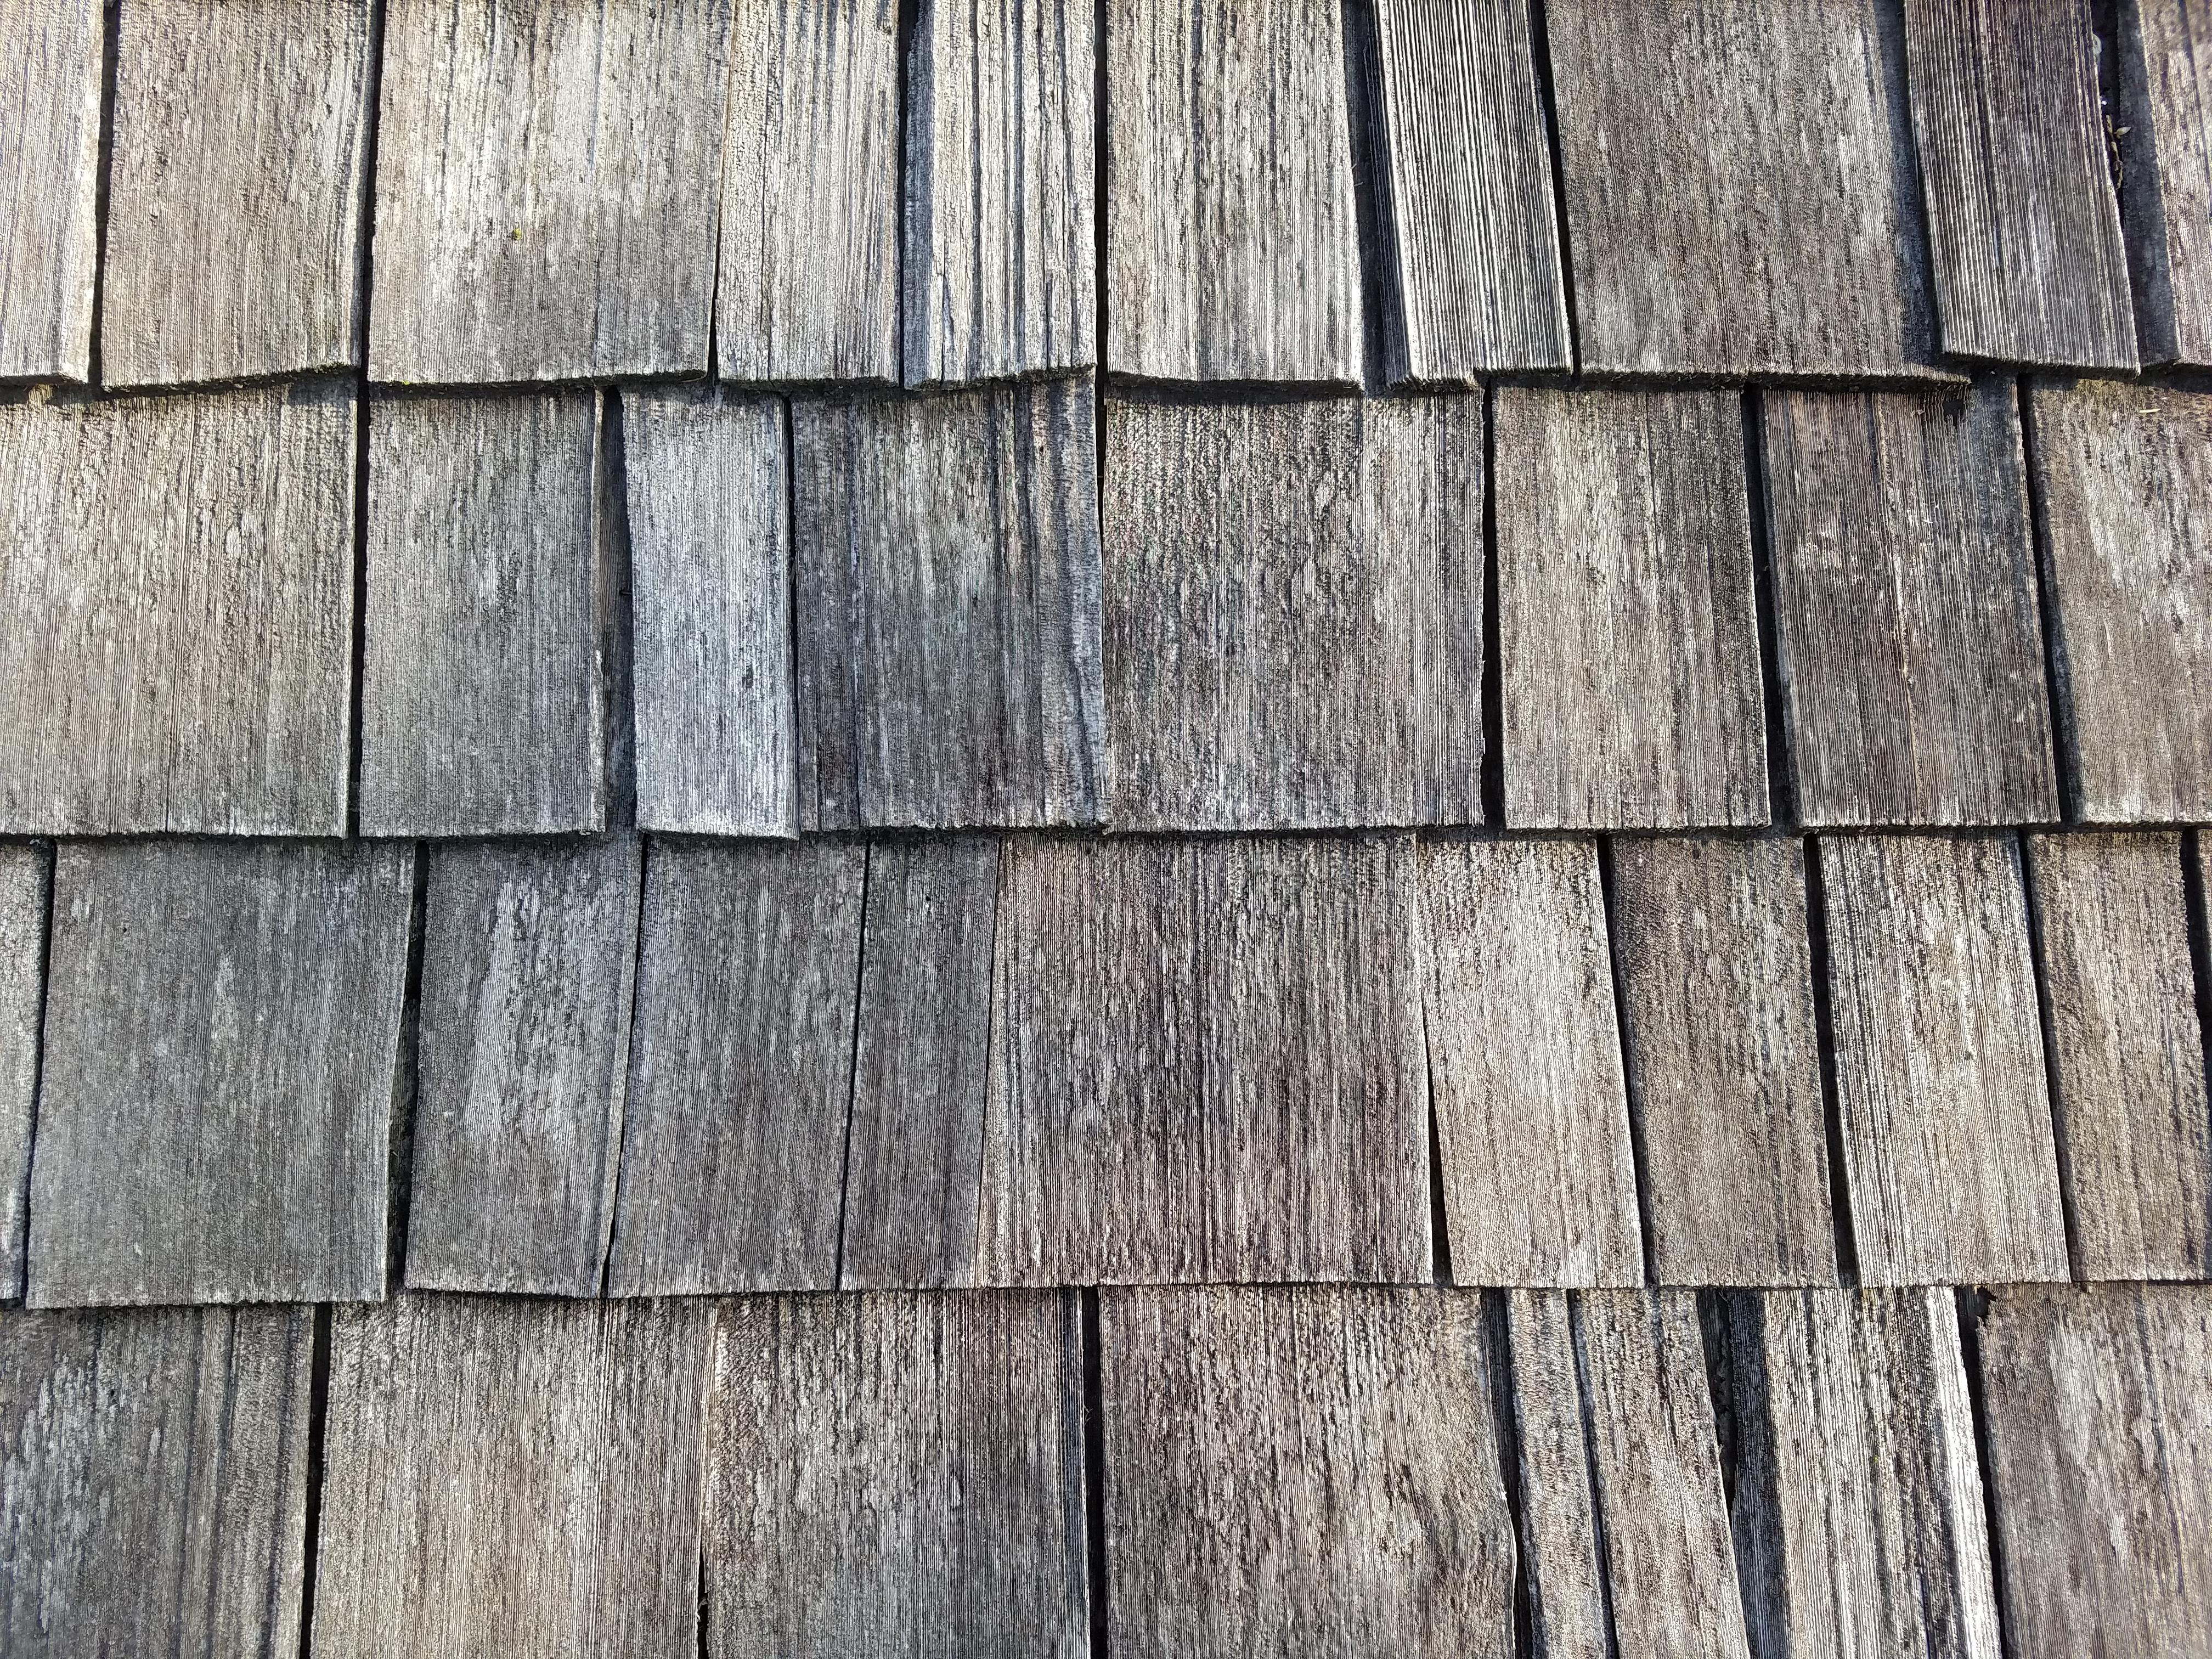 wood-shakes-shingles-4944.jpg